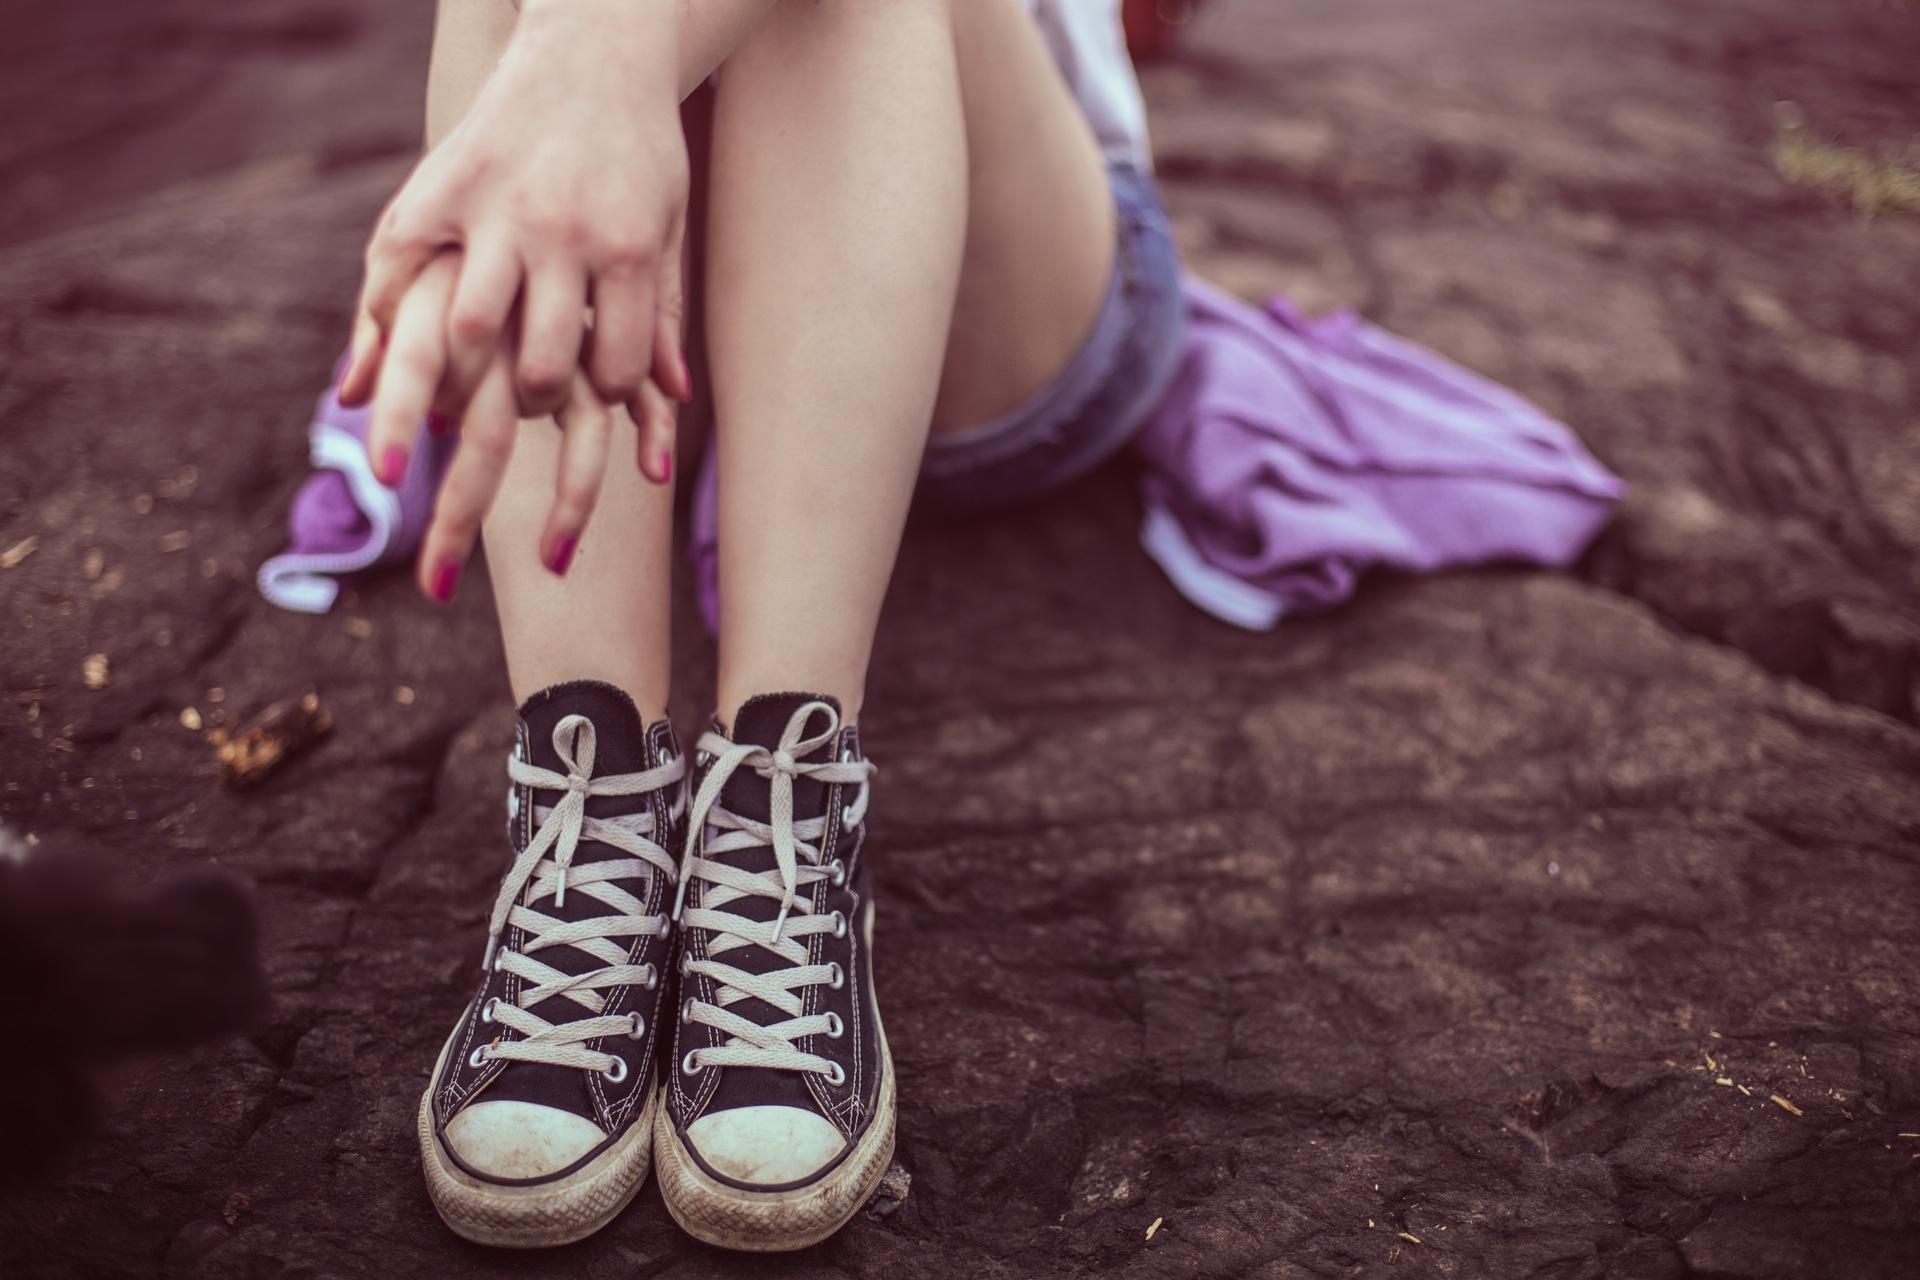 gambe, scarpe, Abito, donna, imposta, CONVERSE - Sfondi HD - Professor-falken.com